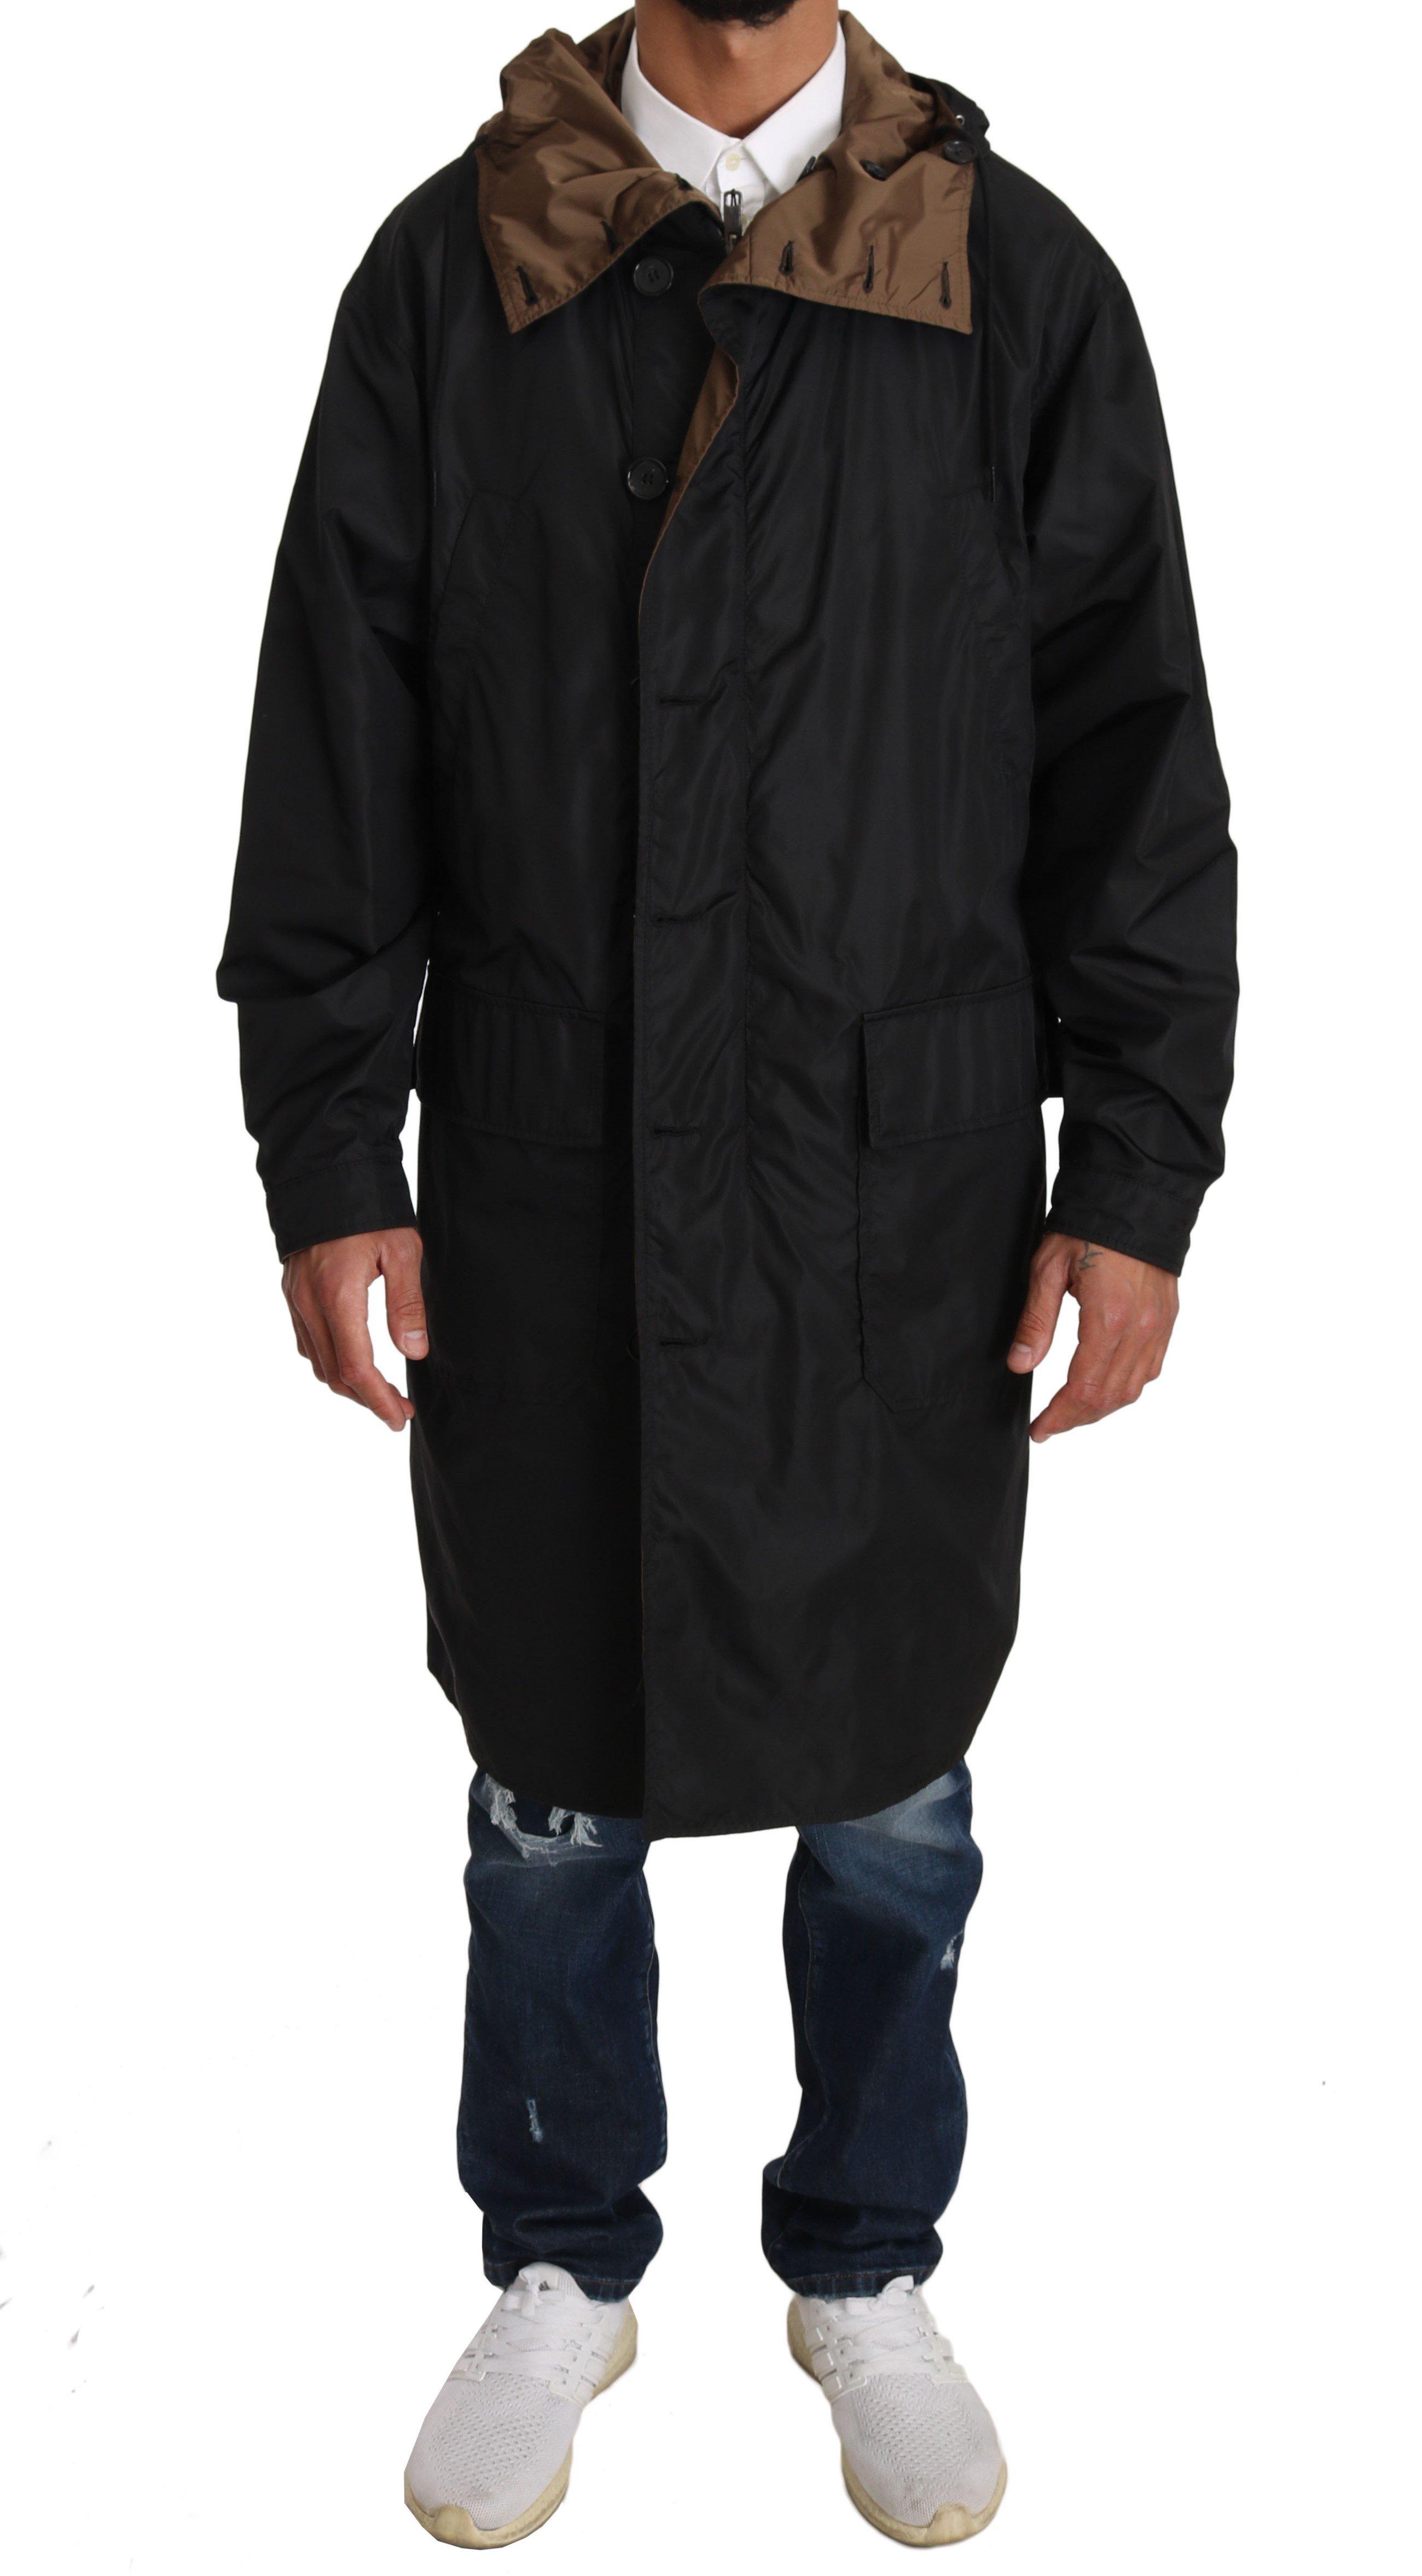 Dolce & Gabbana Men's Hooded Reversible Raincoat Black JKT2244 - IT46 | S